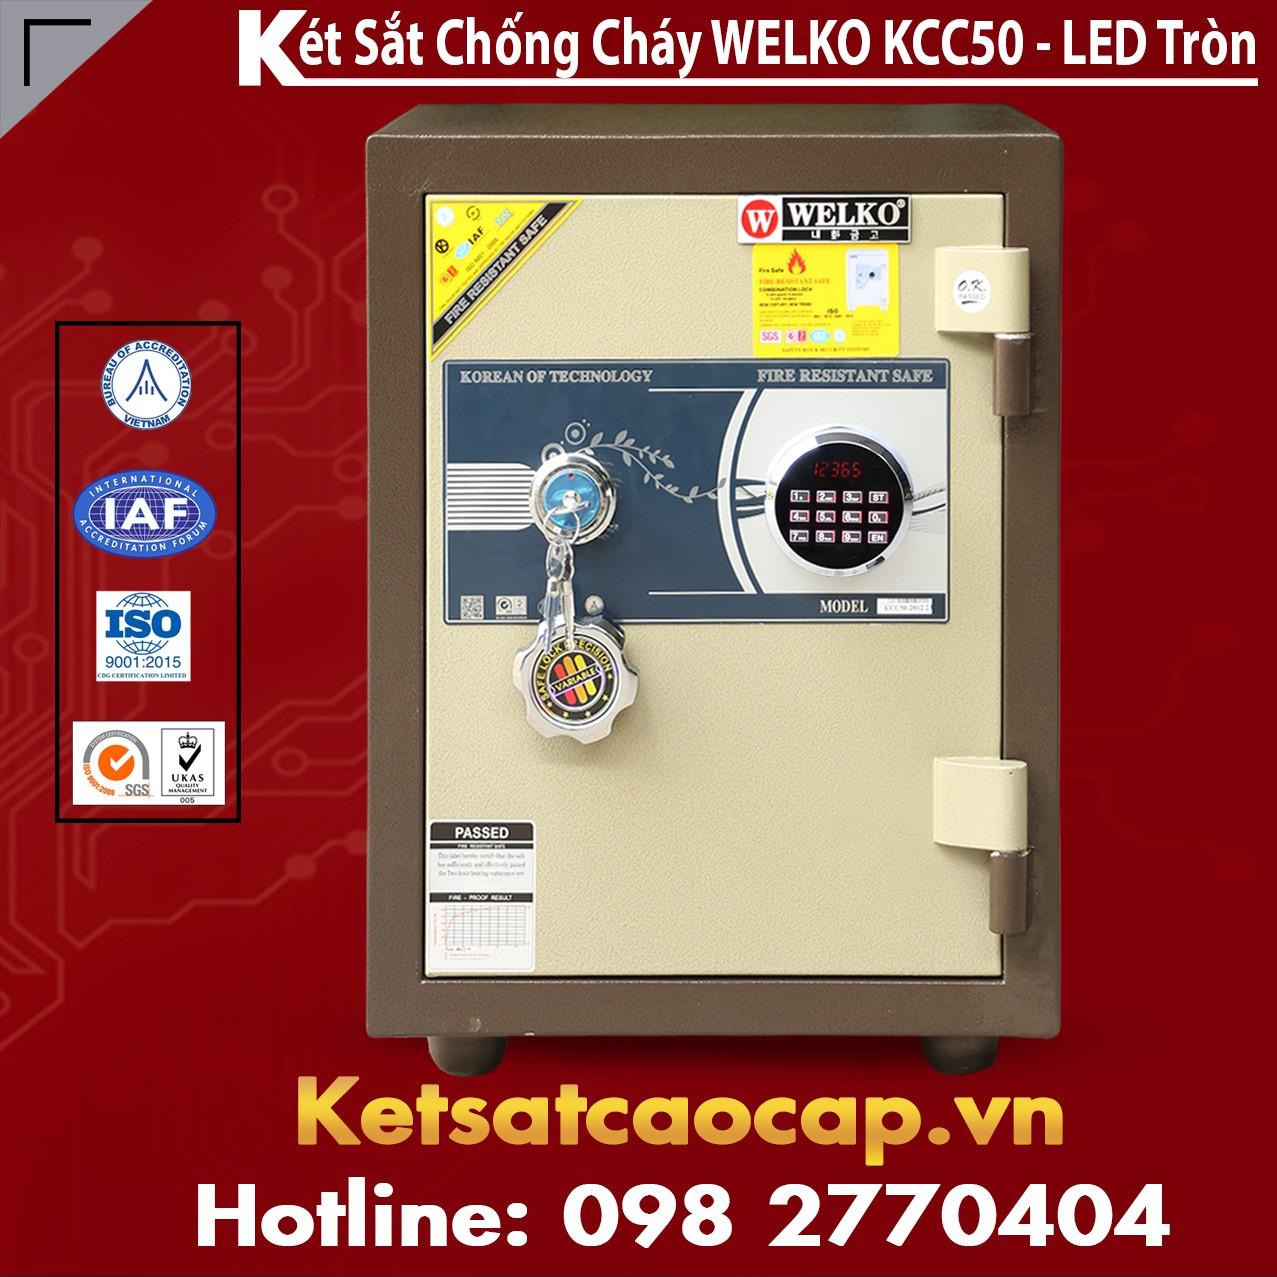 Két Sắt Bình Dương WELKO KCC50 - LED